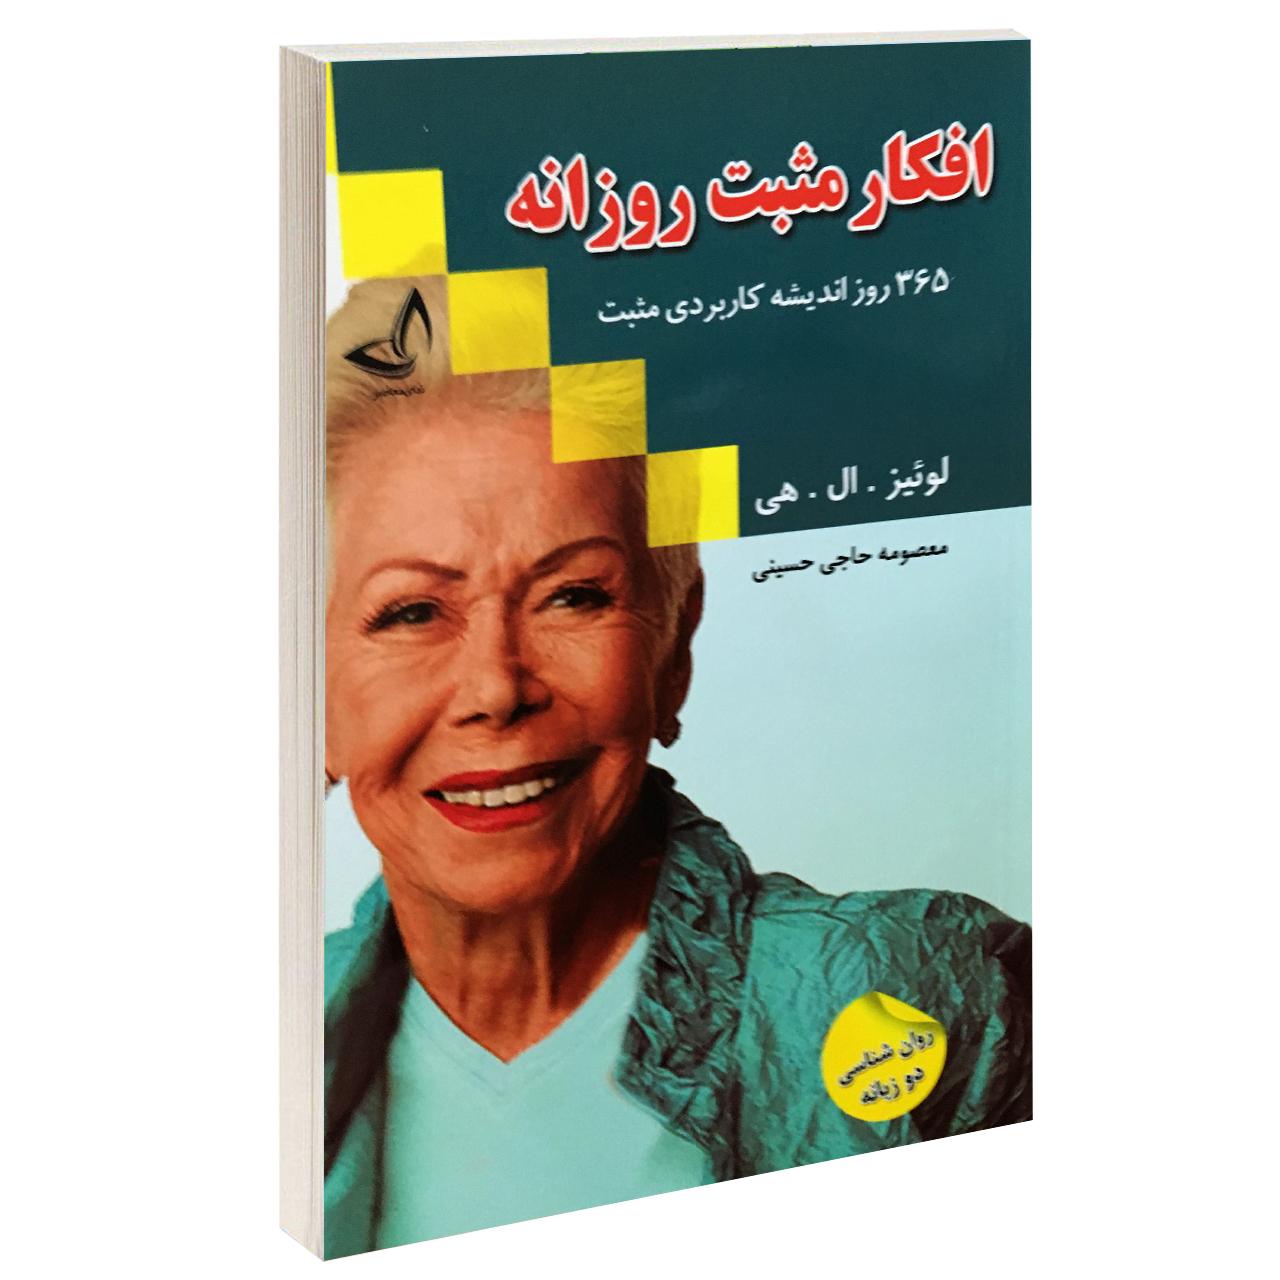 خرید                      کتاب افکار مثبت روزانه اثر لوئیز. ال. هی نشر ندای معاصر